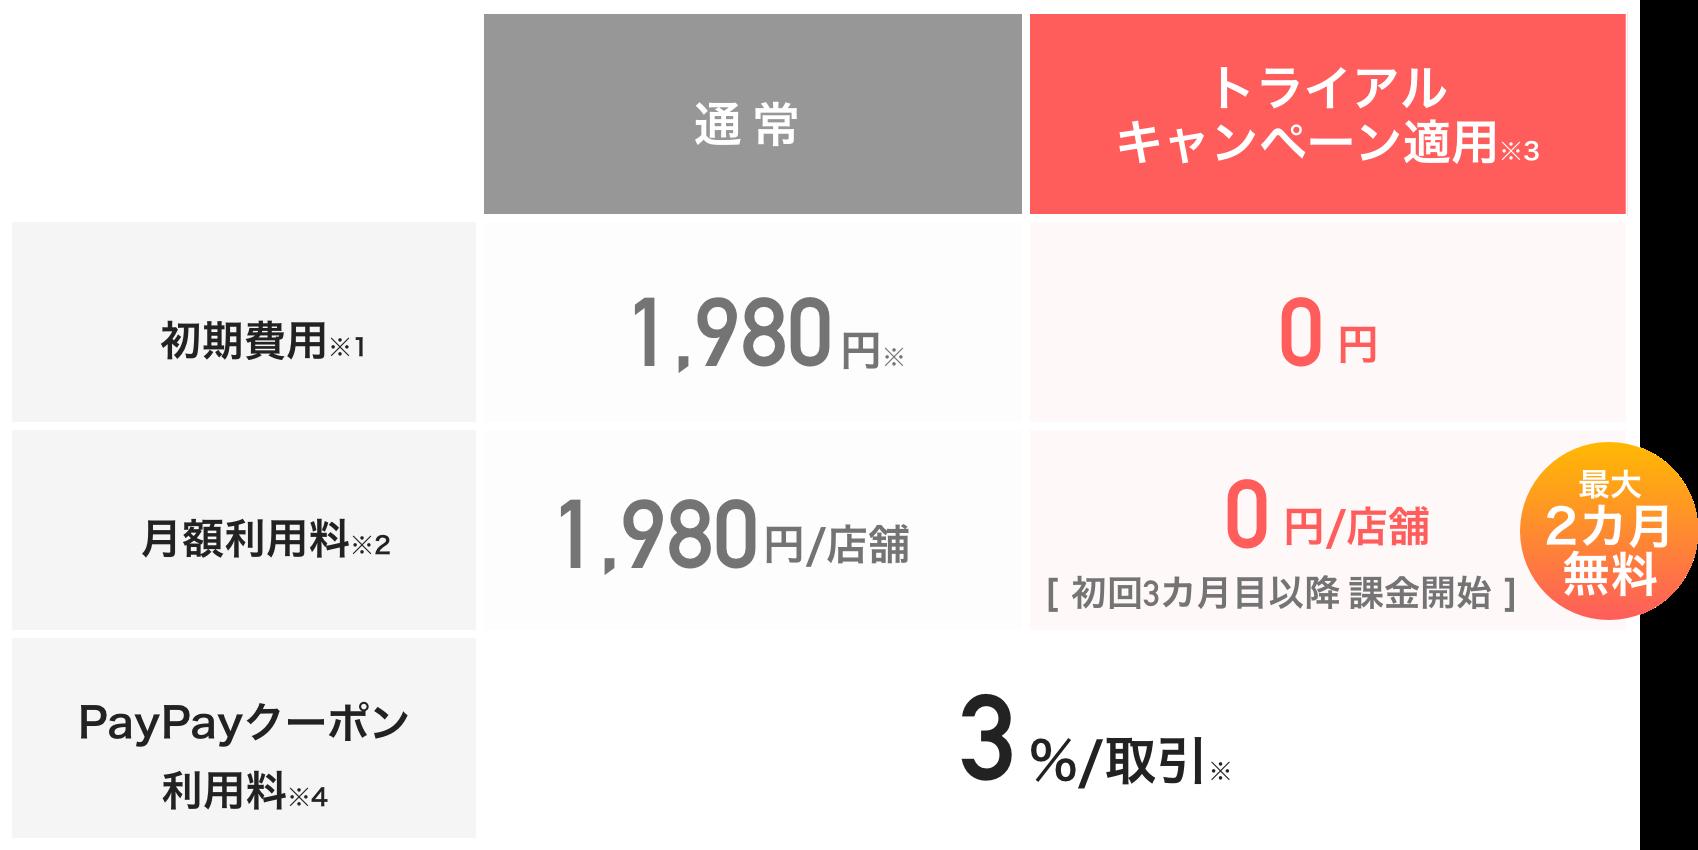 利用料・プラットフォーム利用料表